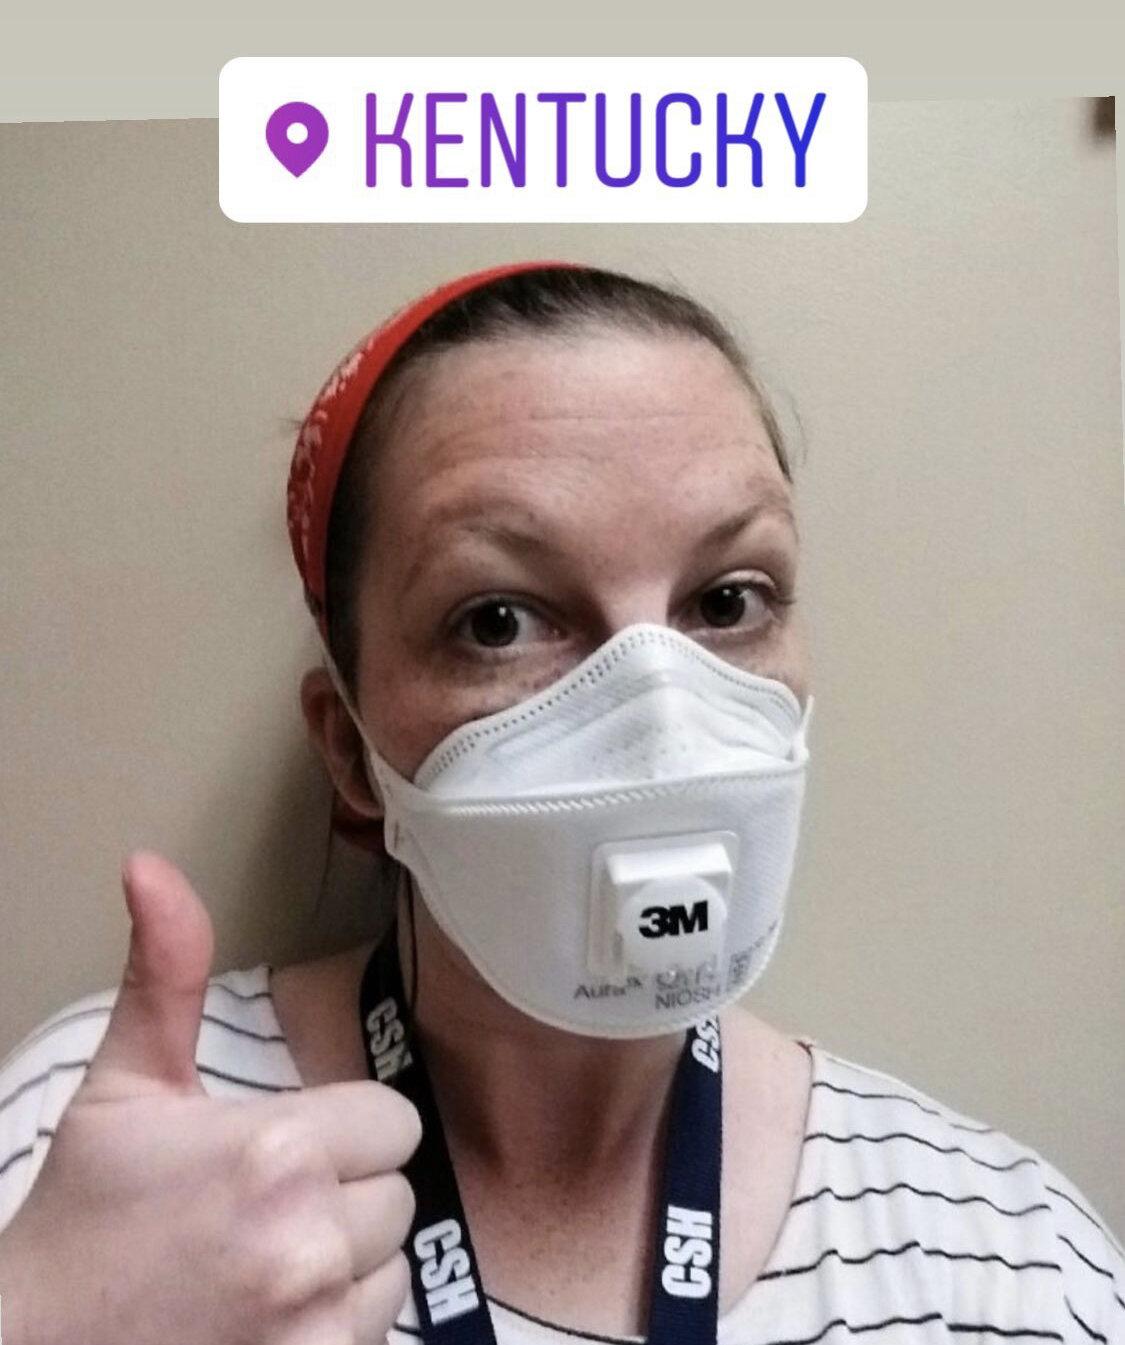 2020年5月6日:肯塔基州一家住院精神卫生机构的工作人员竖起了PPE护理包的大拇指,并表示感谢。